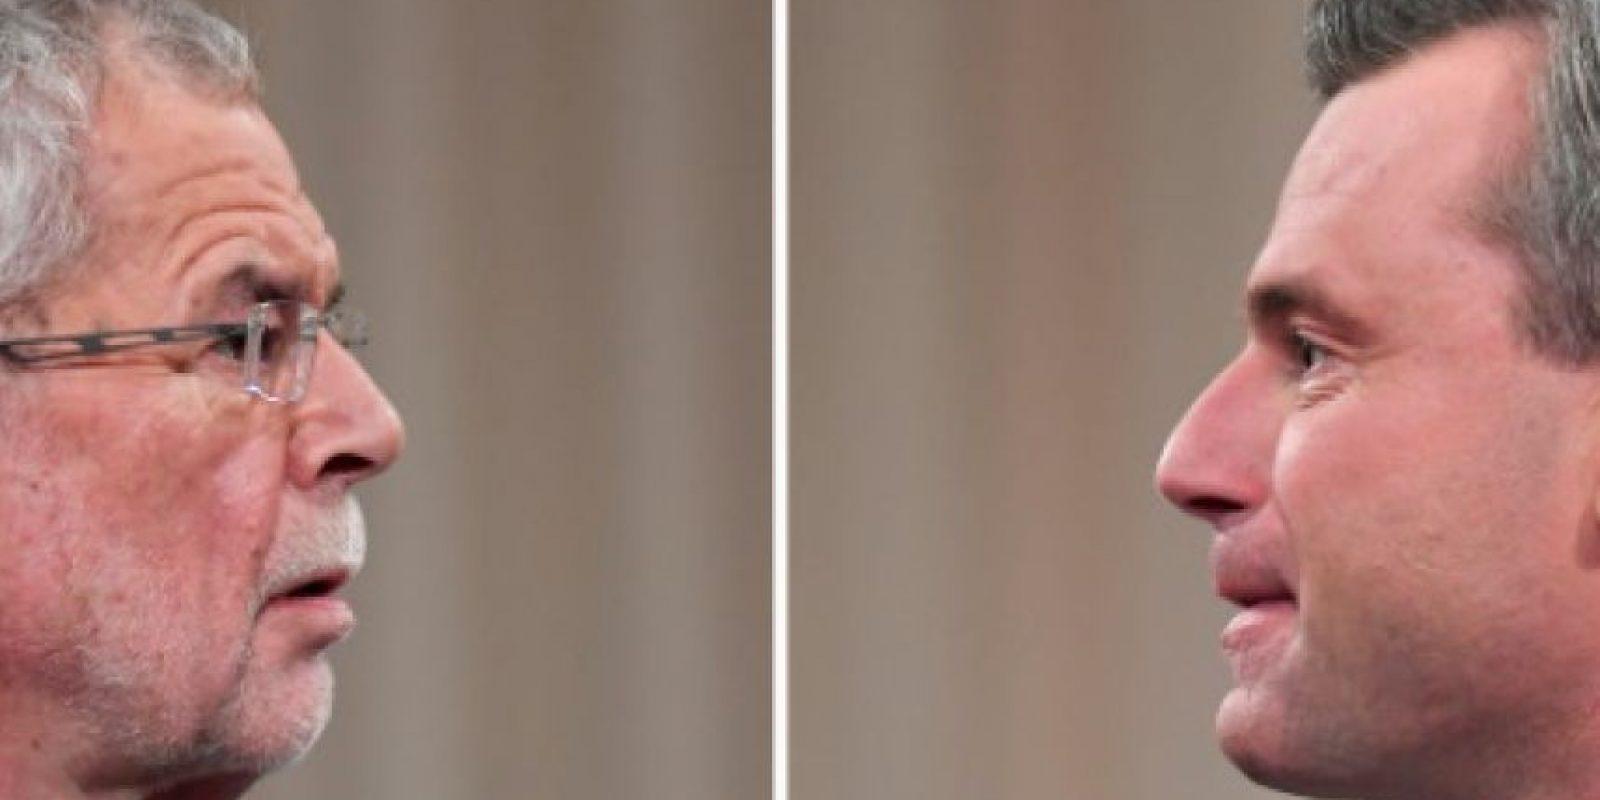 Los candidatos presidenciales austríacos Alexander Van der Bellen (izq), por los Verdes, y Norbert Hofer, por la ultraderecha del FPOE, en un debate televisado en Viena el 27 de noviembre de 2016 Foto:Joe Klamar/afp.com